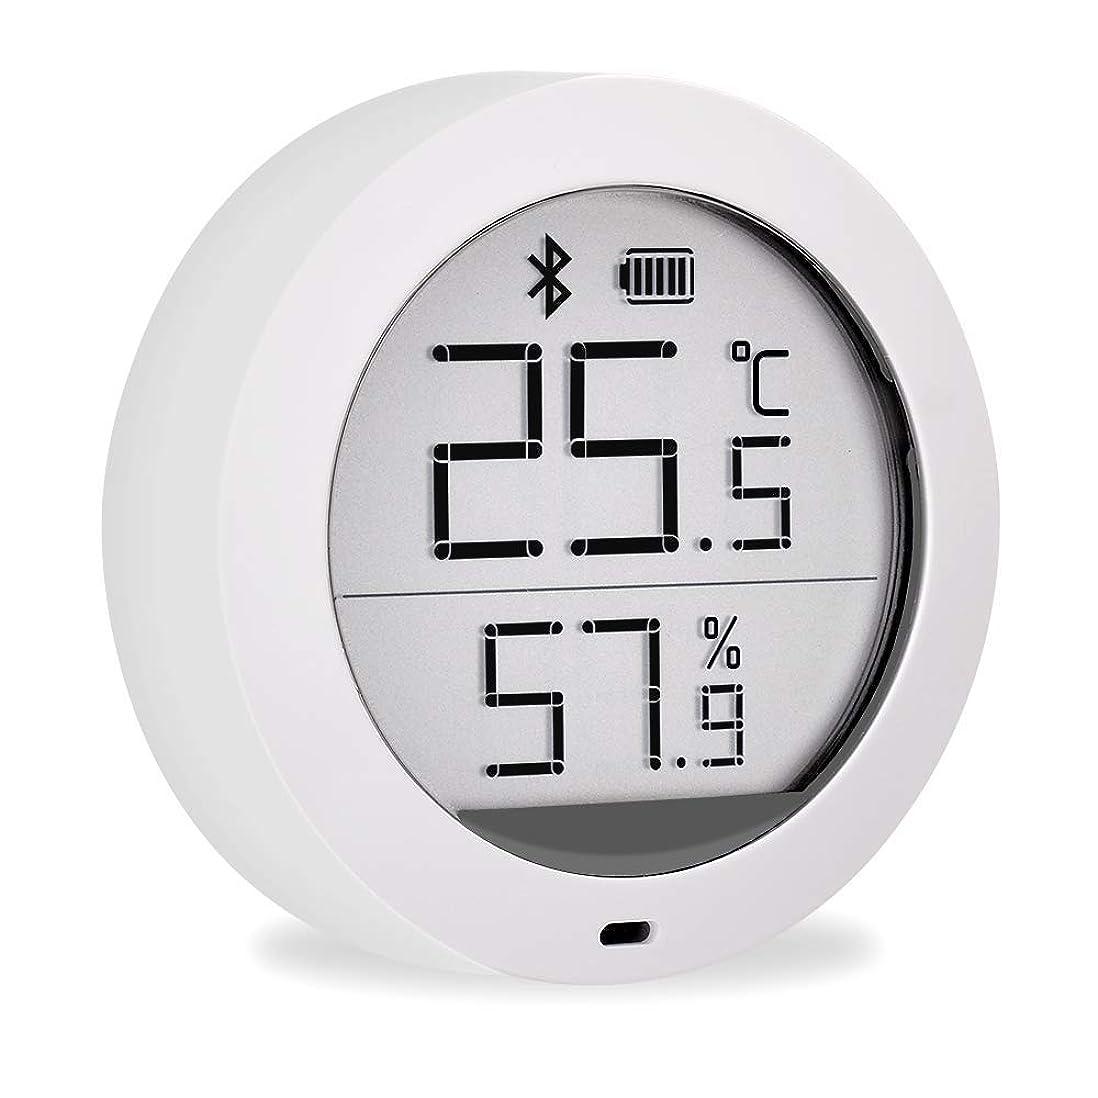 ハードリングホスト人里離れたXiaomi シャオミ ブルートゥース温度計 湿度計 おしゃれ家電 スマート家電 IOT家電 スマホ?連携可能 mi